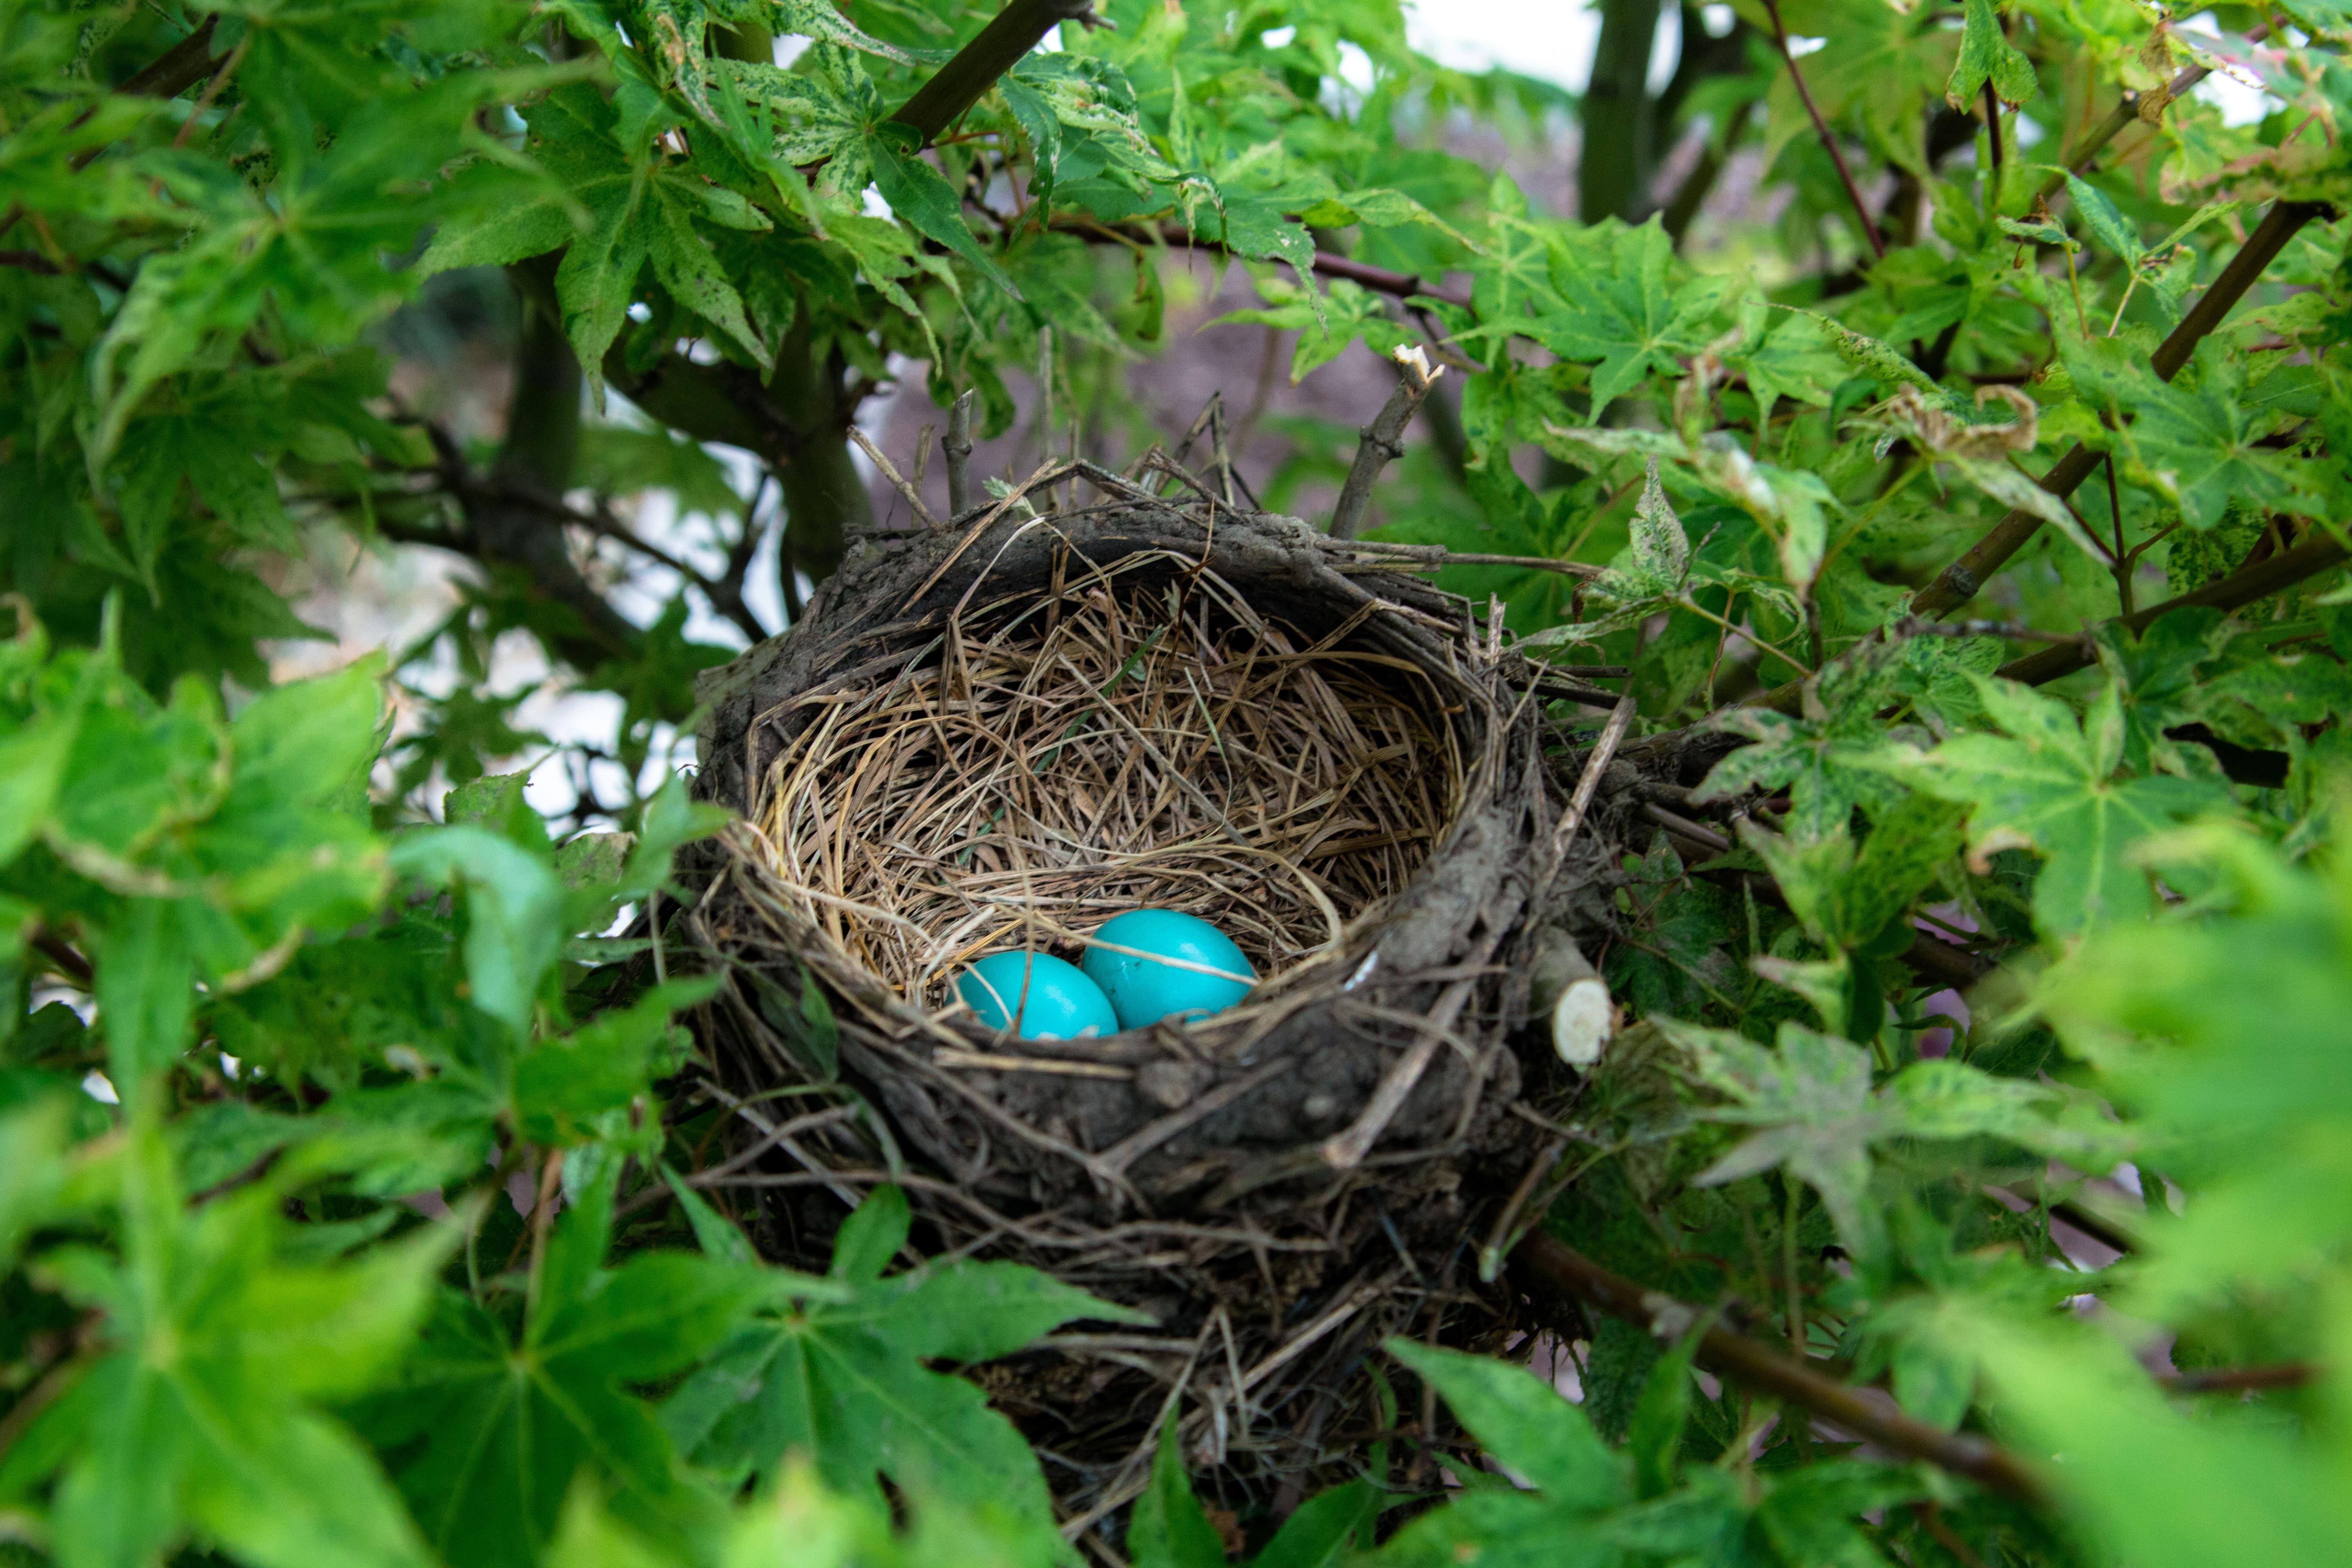 Eggs, by Landon Martin